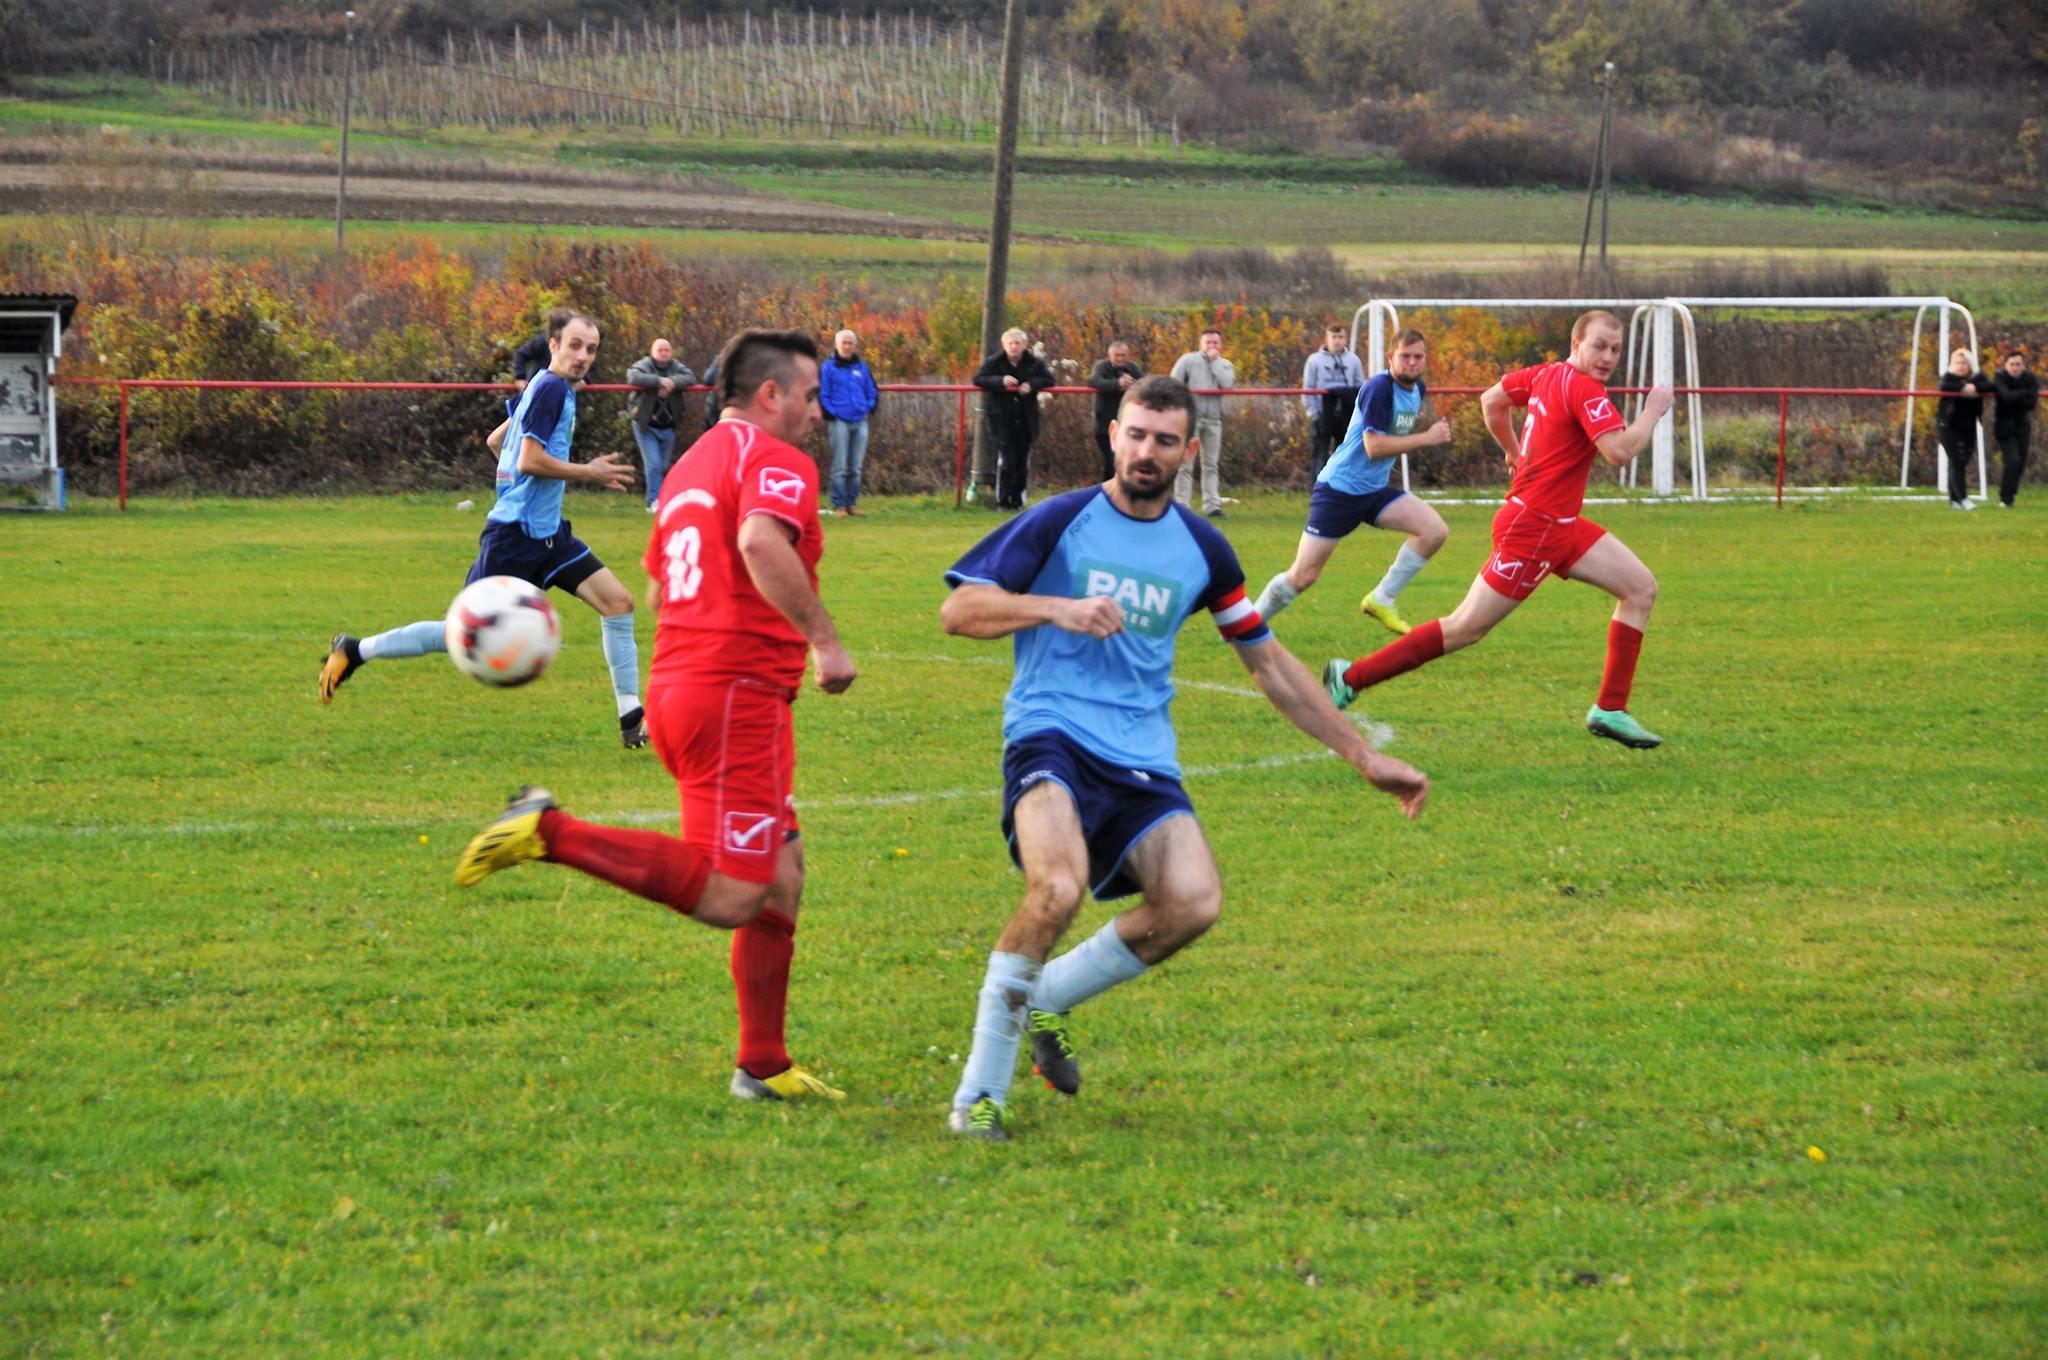 nogomet gornja rijeka1